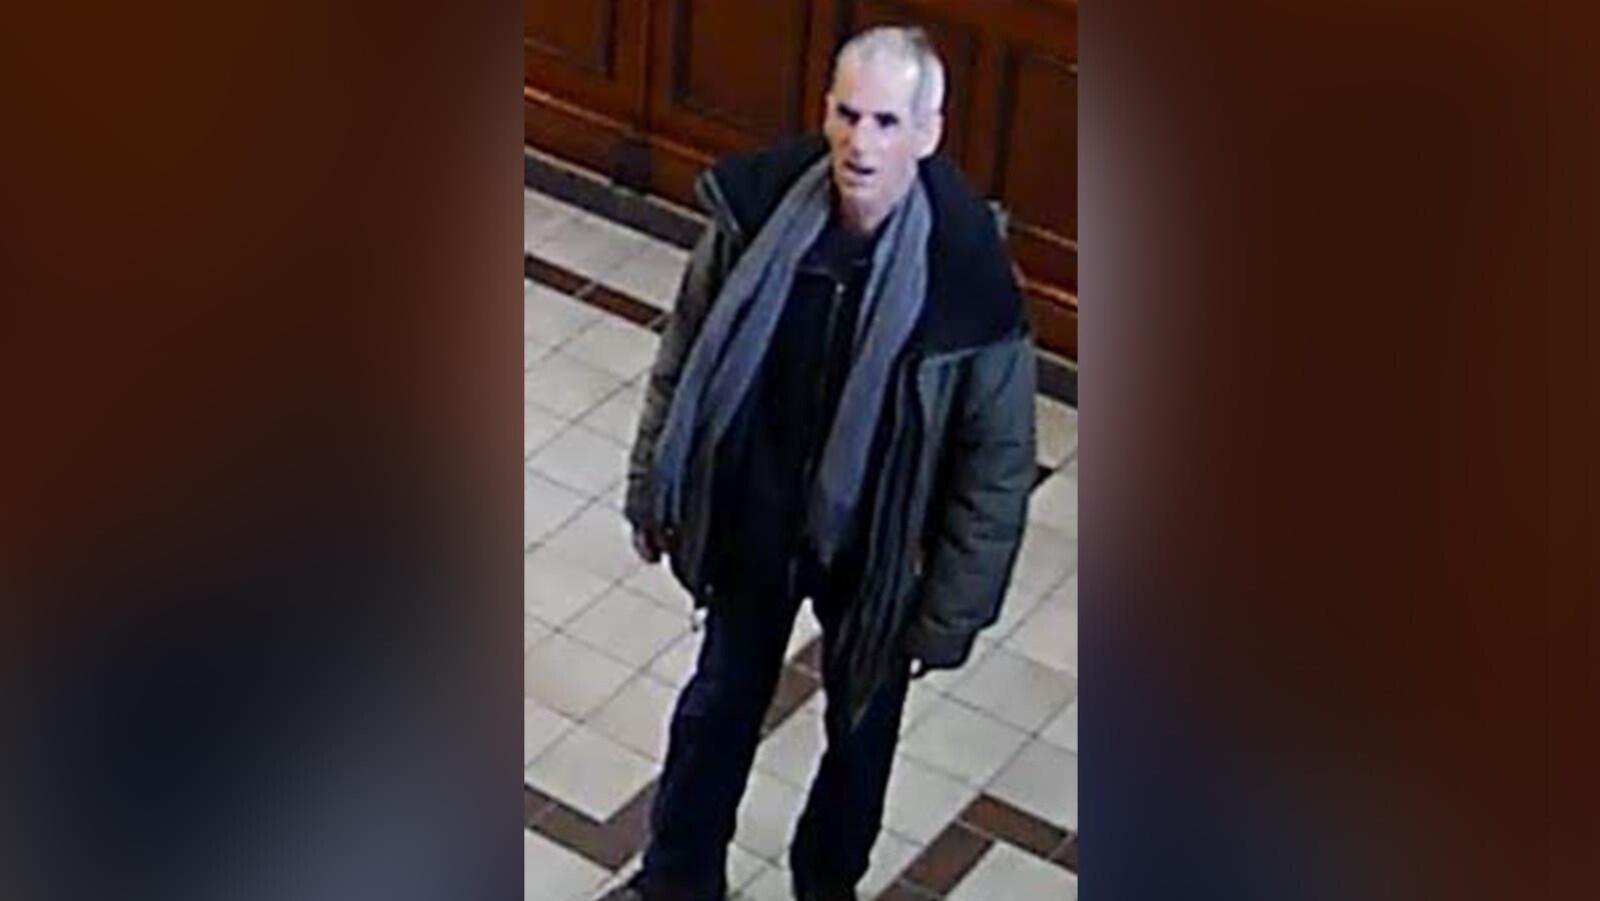 Le suspect portant un foulard gris, des pantalons noirs et un manteau vert.